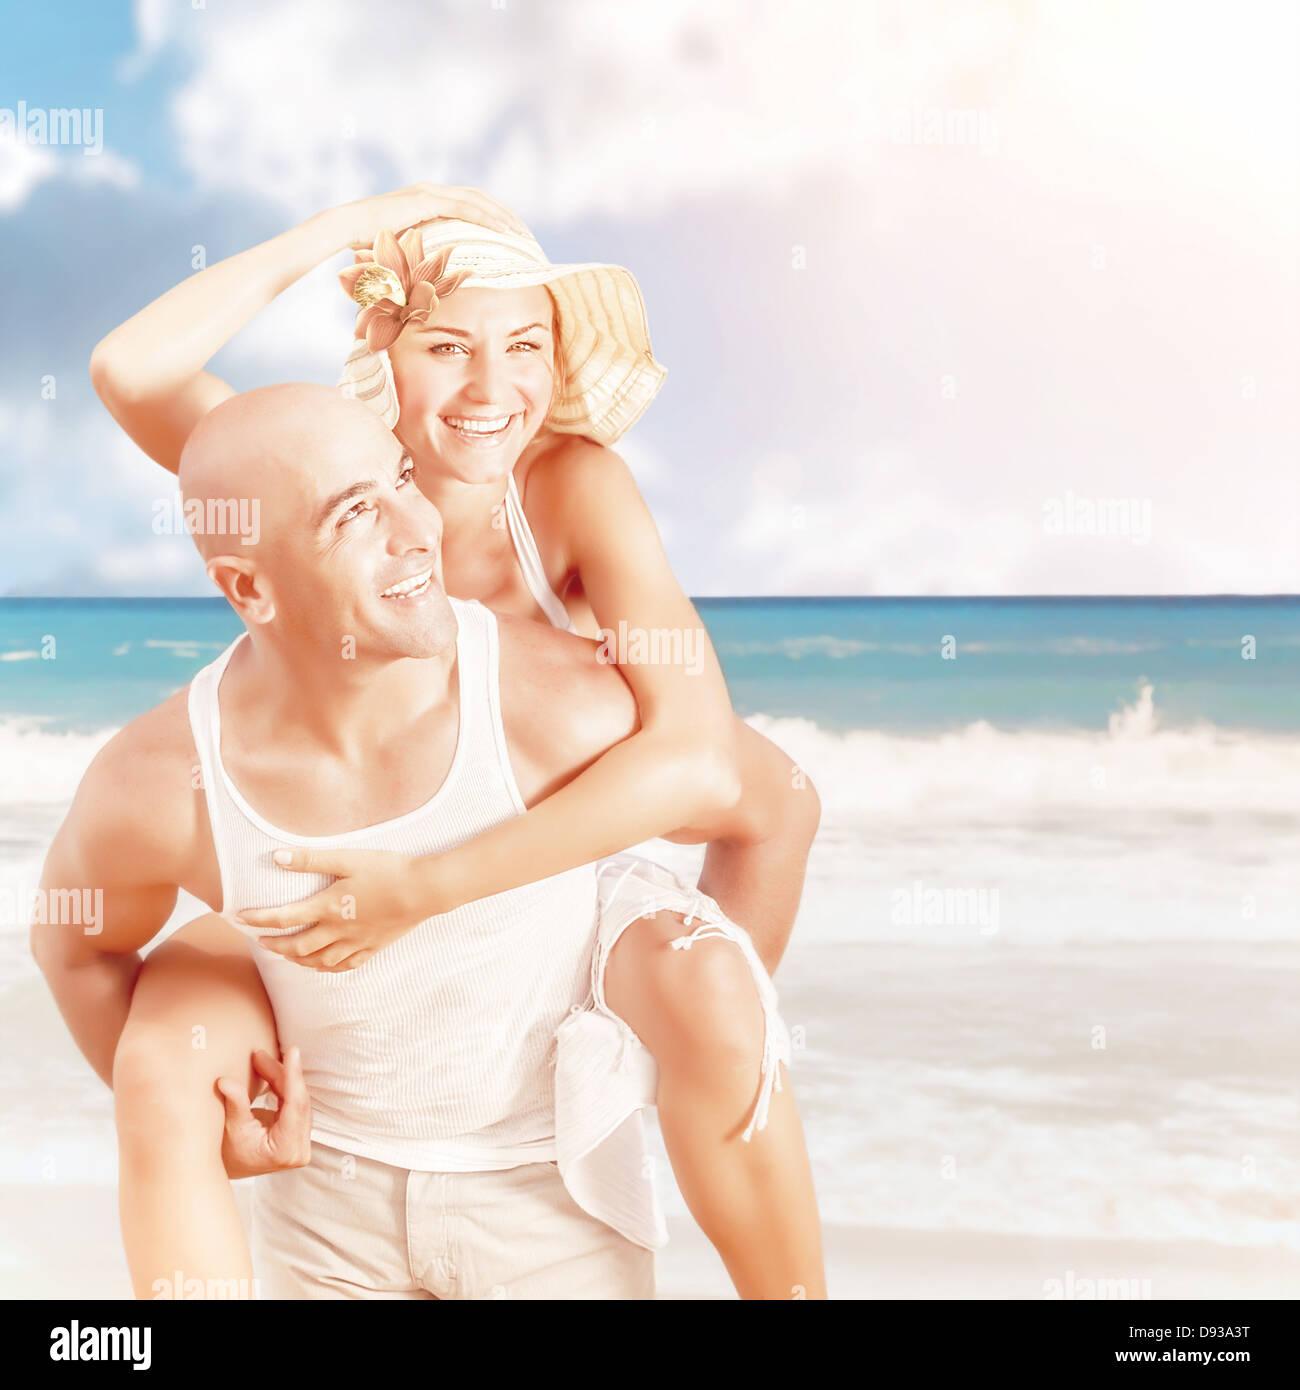 Couple heureux sur la plage, bel homme piggy back jolie femme, date romantique sur mer, station balnéaire de luxe Banque D'Images